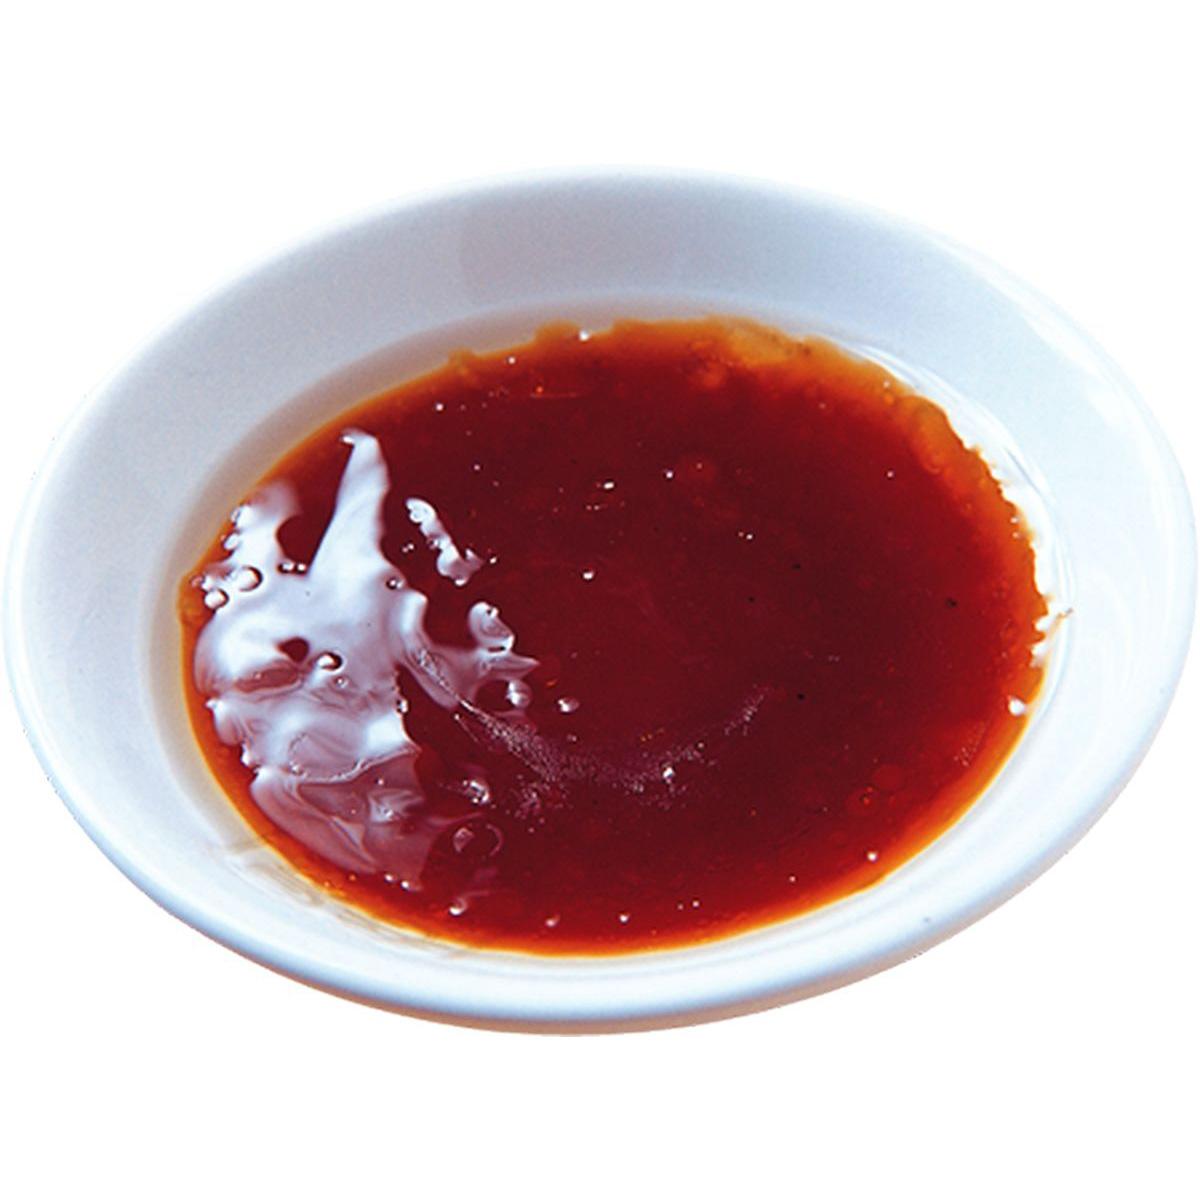 食譜:鎮江醋汁